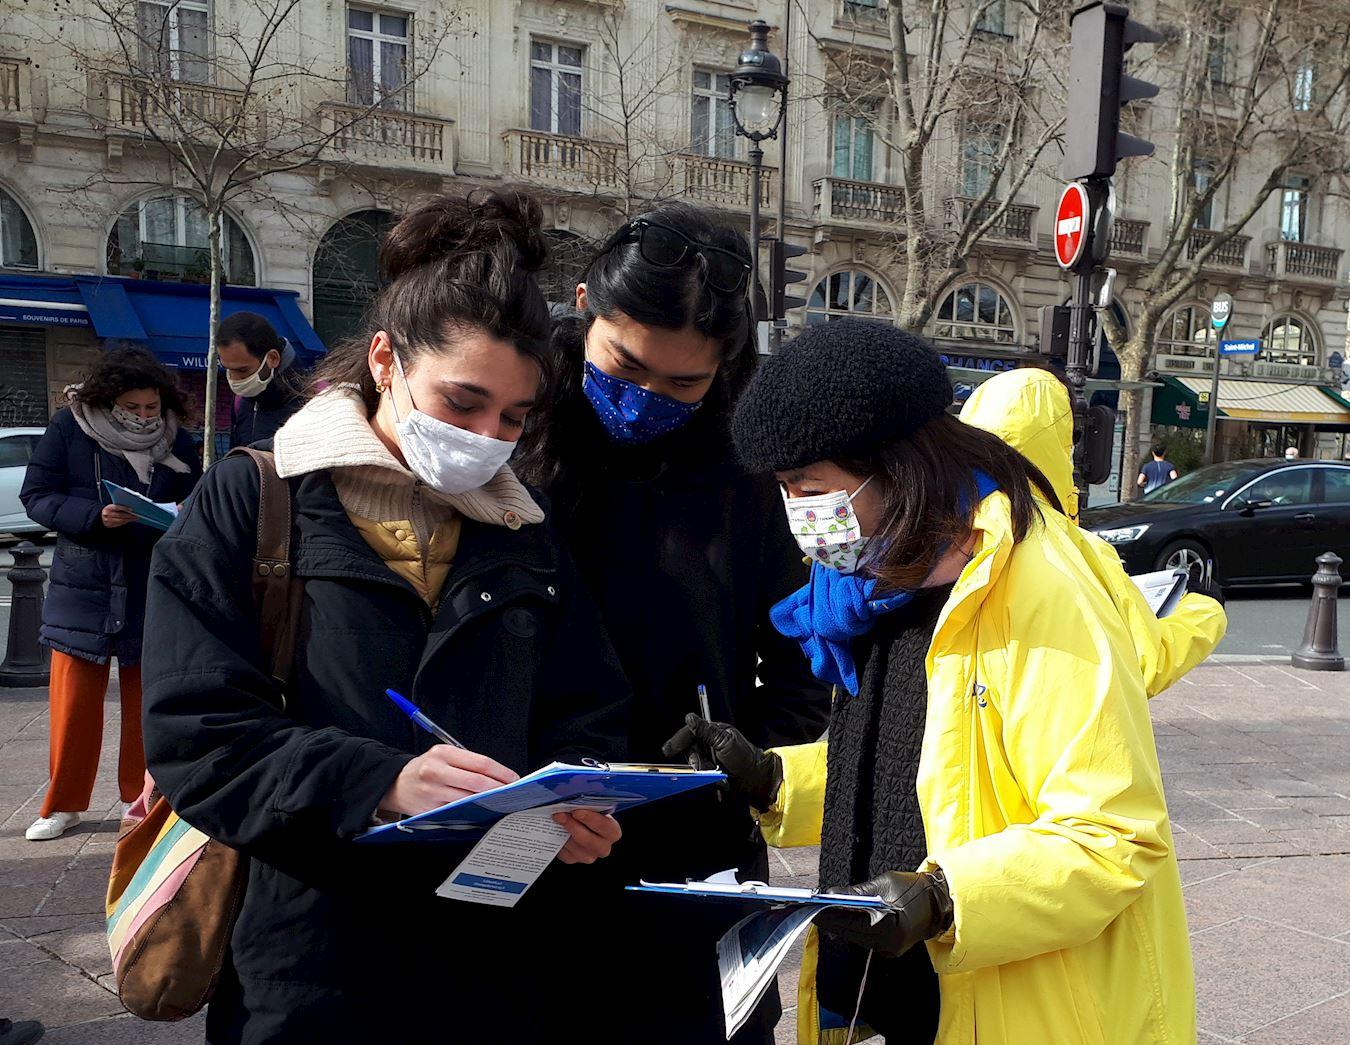 在巴黎聖米歇爾廣場上,行人簽名支持法輪功反對中共的暴行。(明慧網)